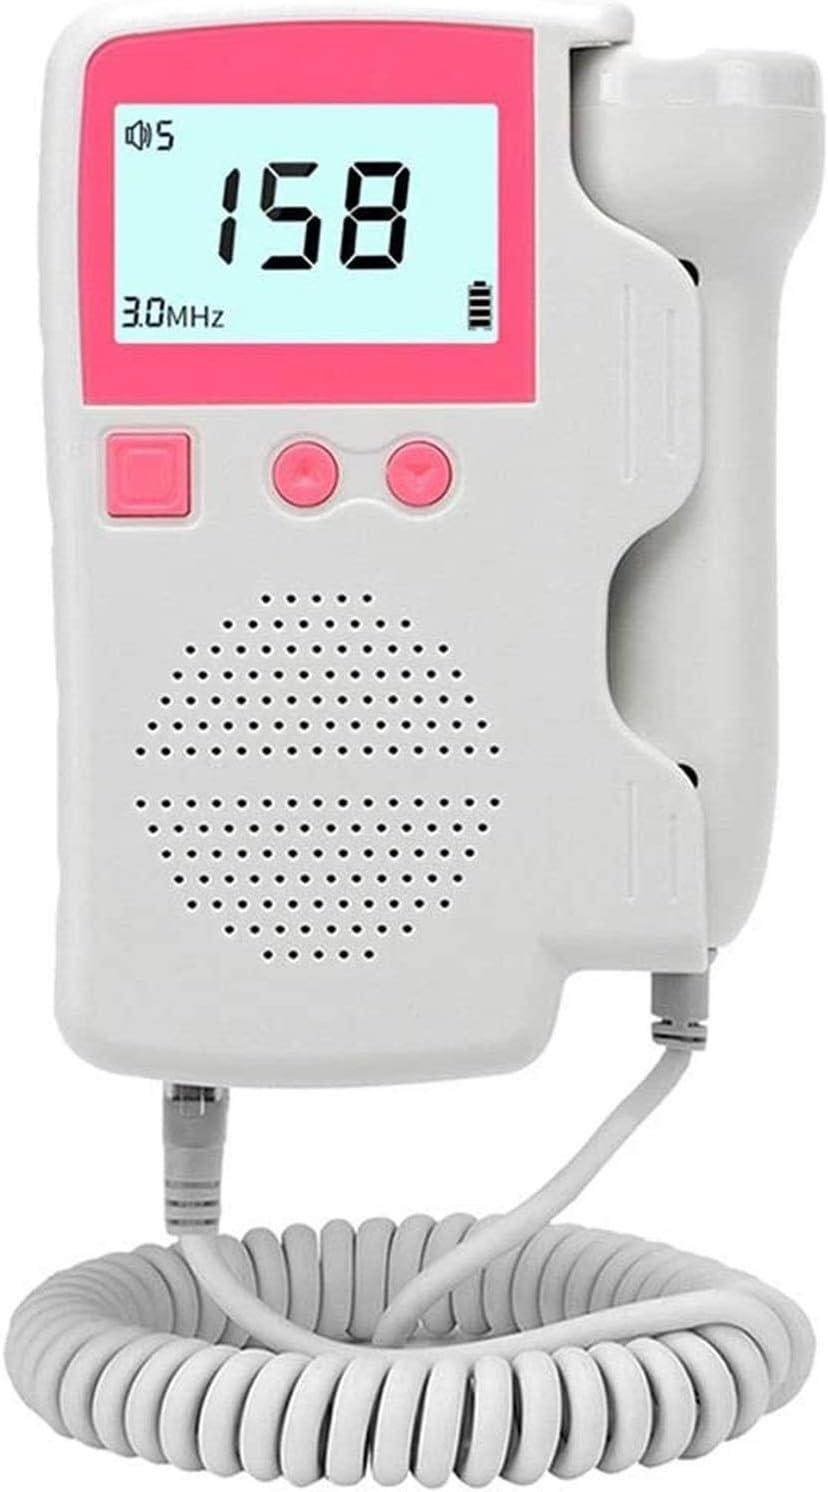 CQB Versión Mejorada de Dispositivos Digitales de Alta precisión for Uso doméstico Pantalla Digital LCD Impermeable 130 mm (Longitud) * 100 mm (Ancho) * 36 mm (Altura) -12.9